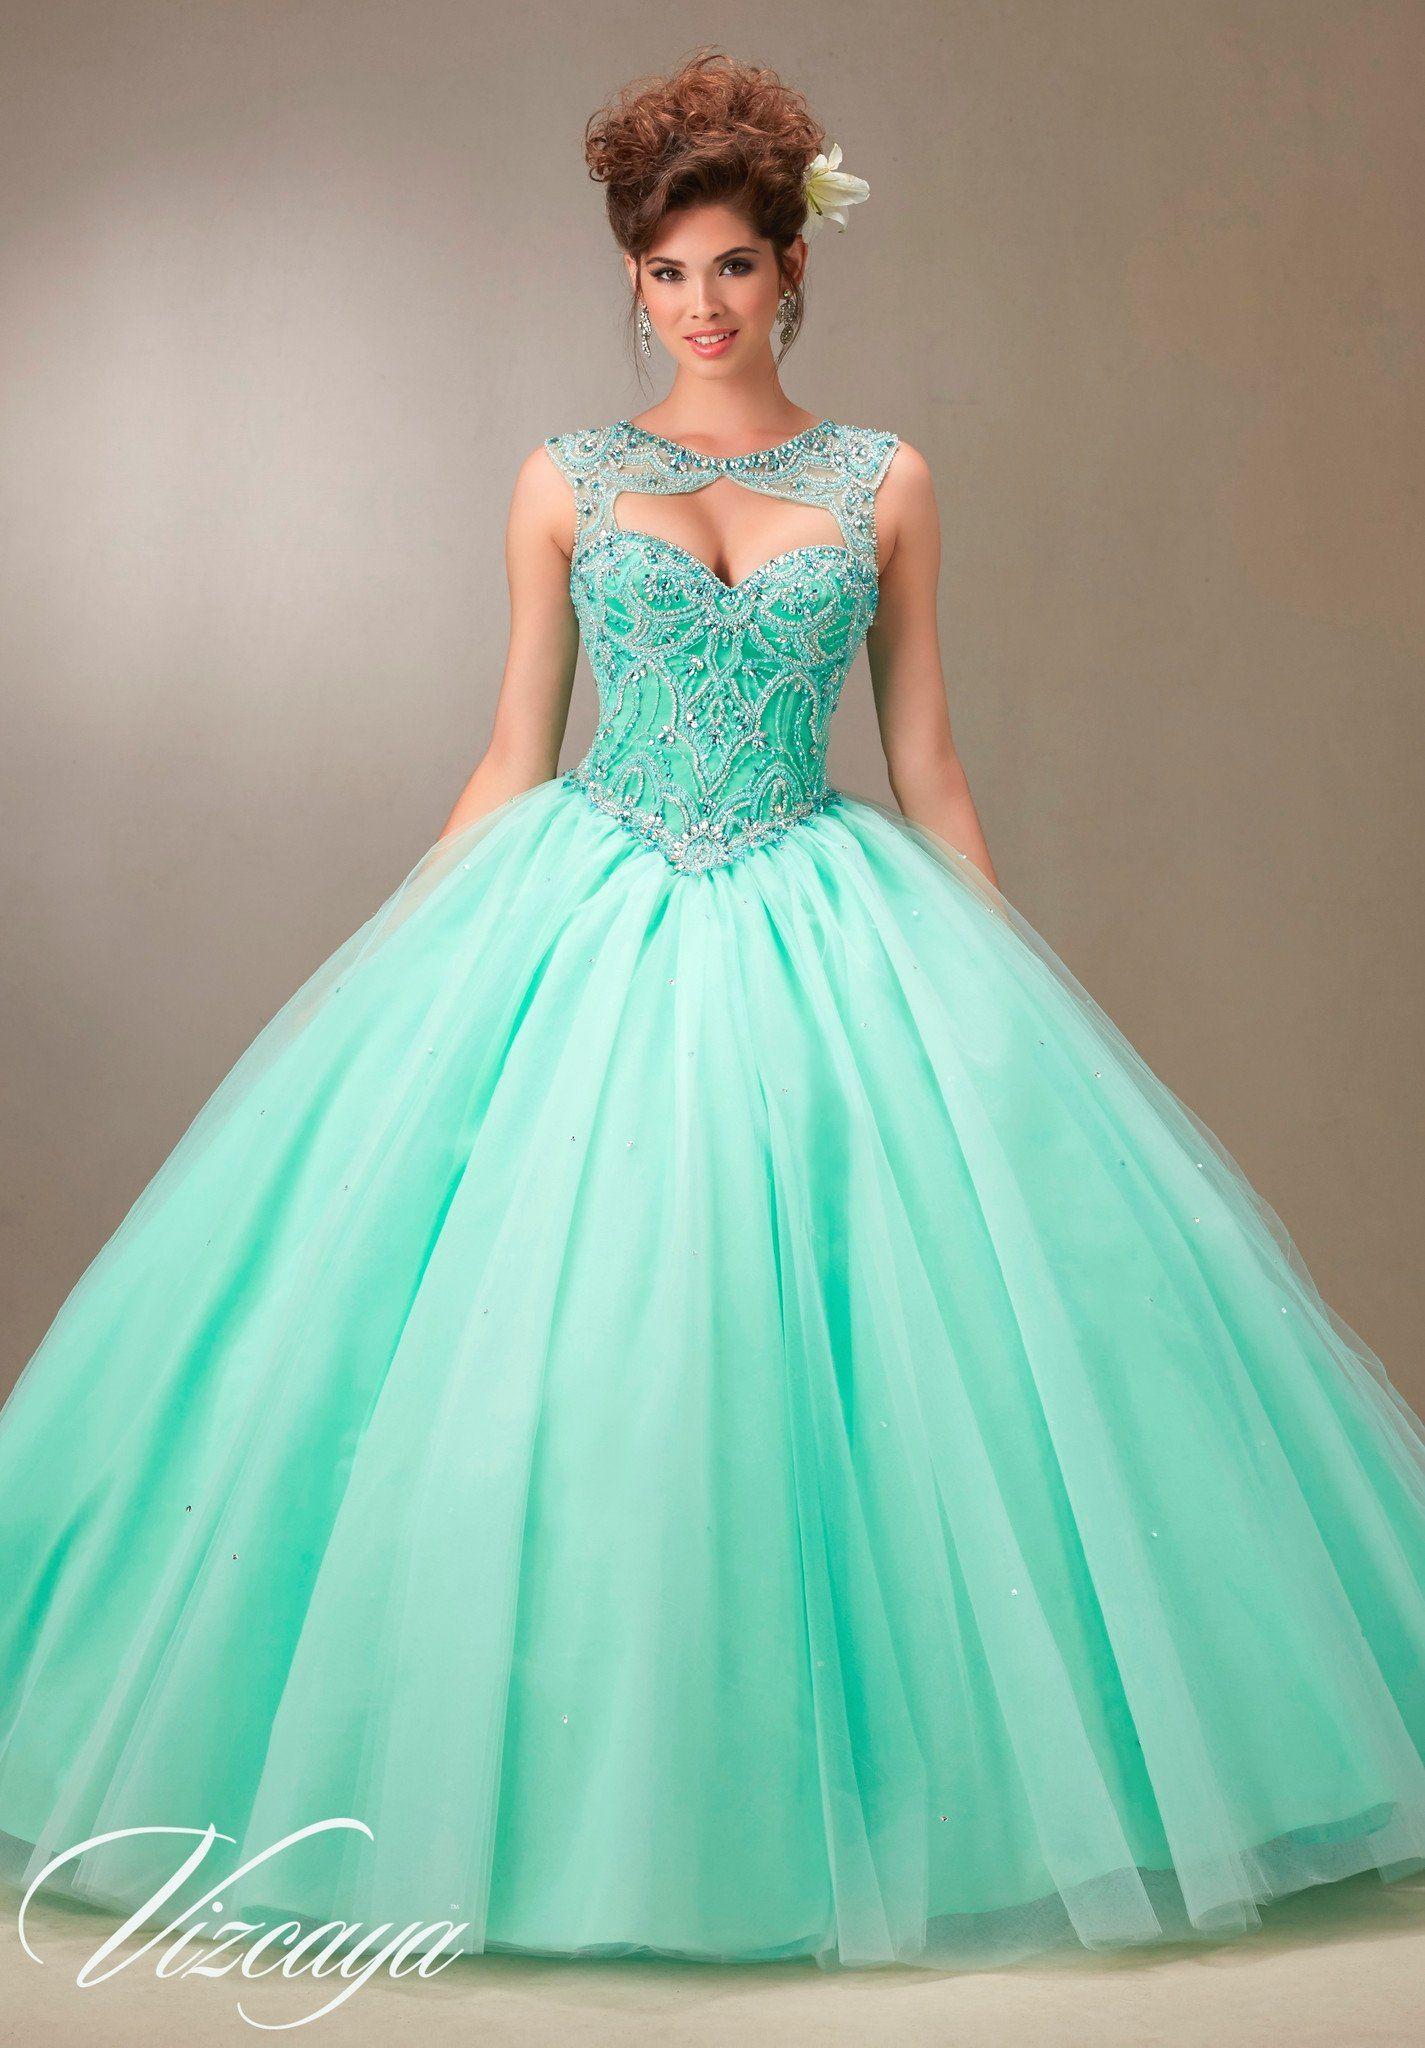 Mori Lee Quinceanera Dress 89063 | 15 años, Bodas vaqueras y vestidos XV